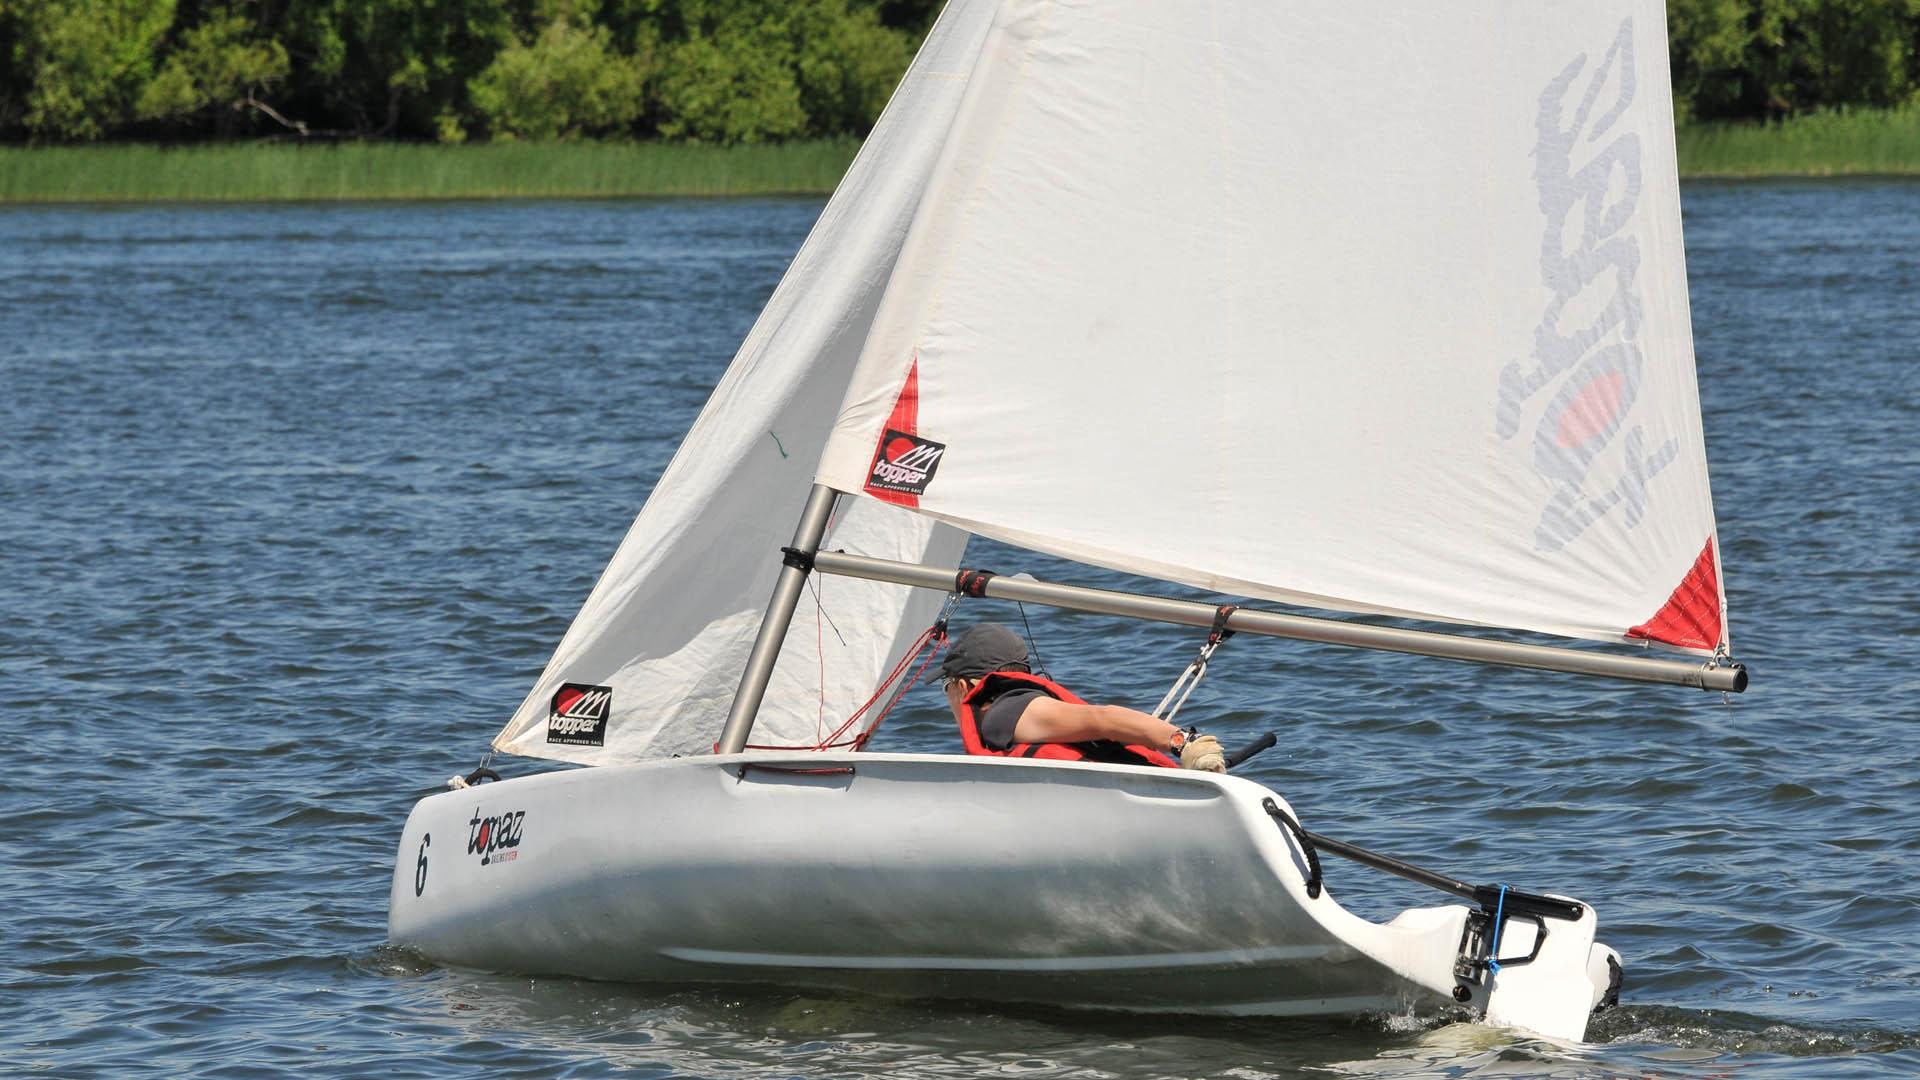 Aus der praxis u2013 bei olympia schneller segeln als der wind? u2013 pce